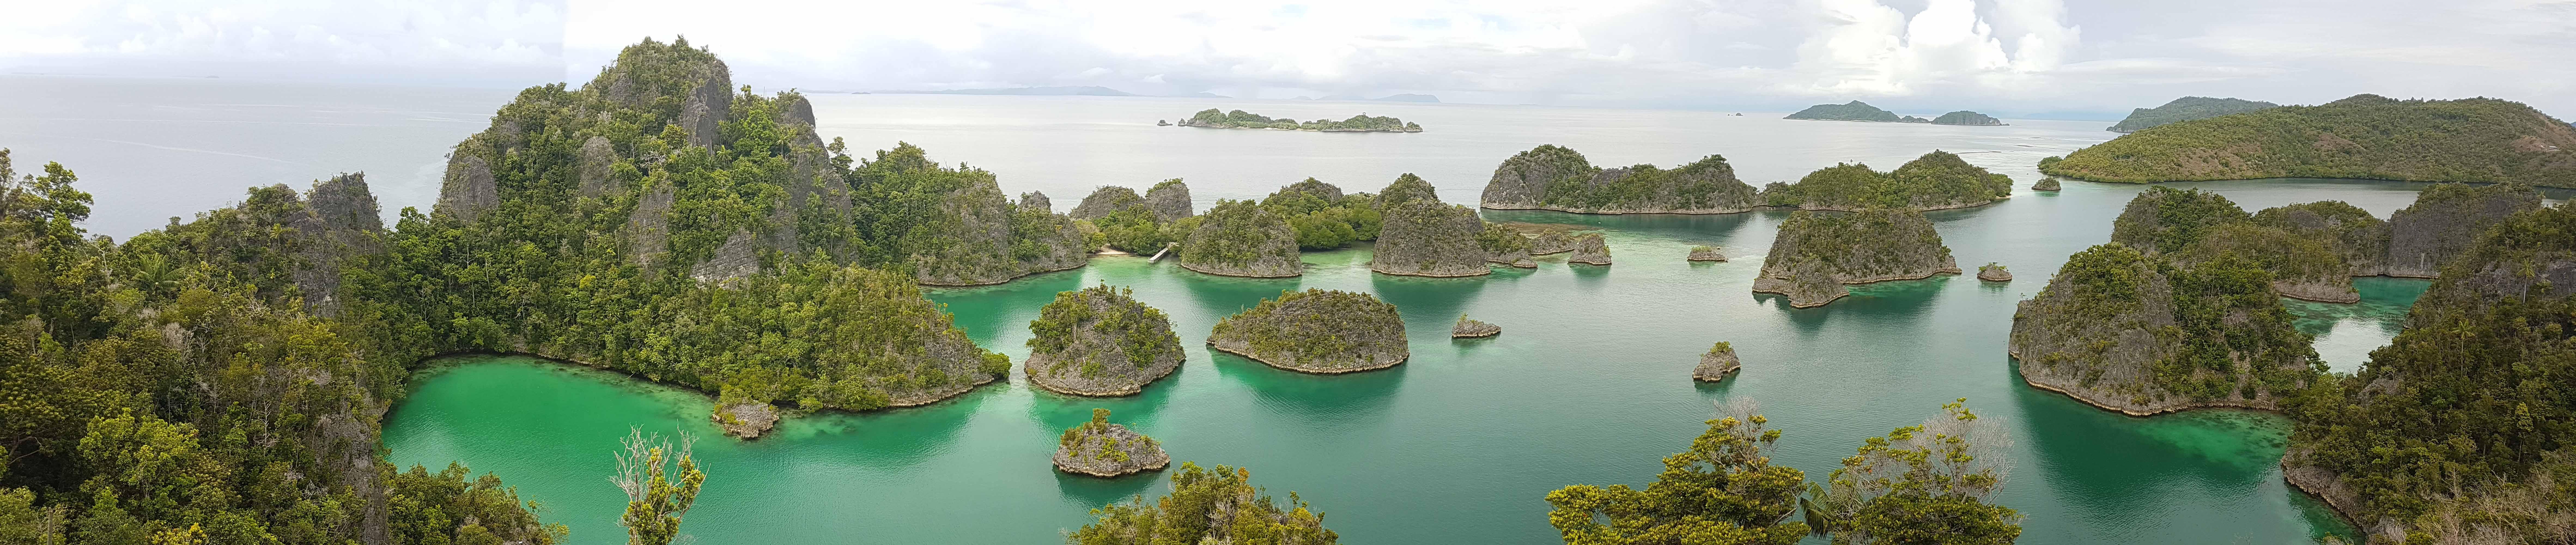 Indonesia Raja Ampat Dive Resort